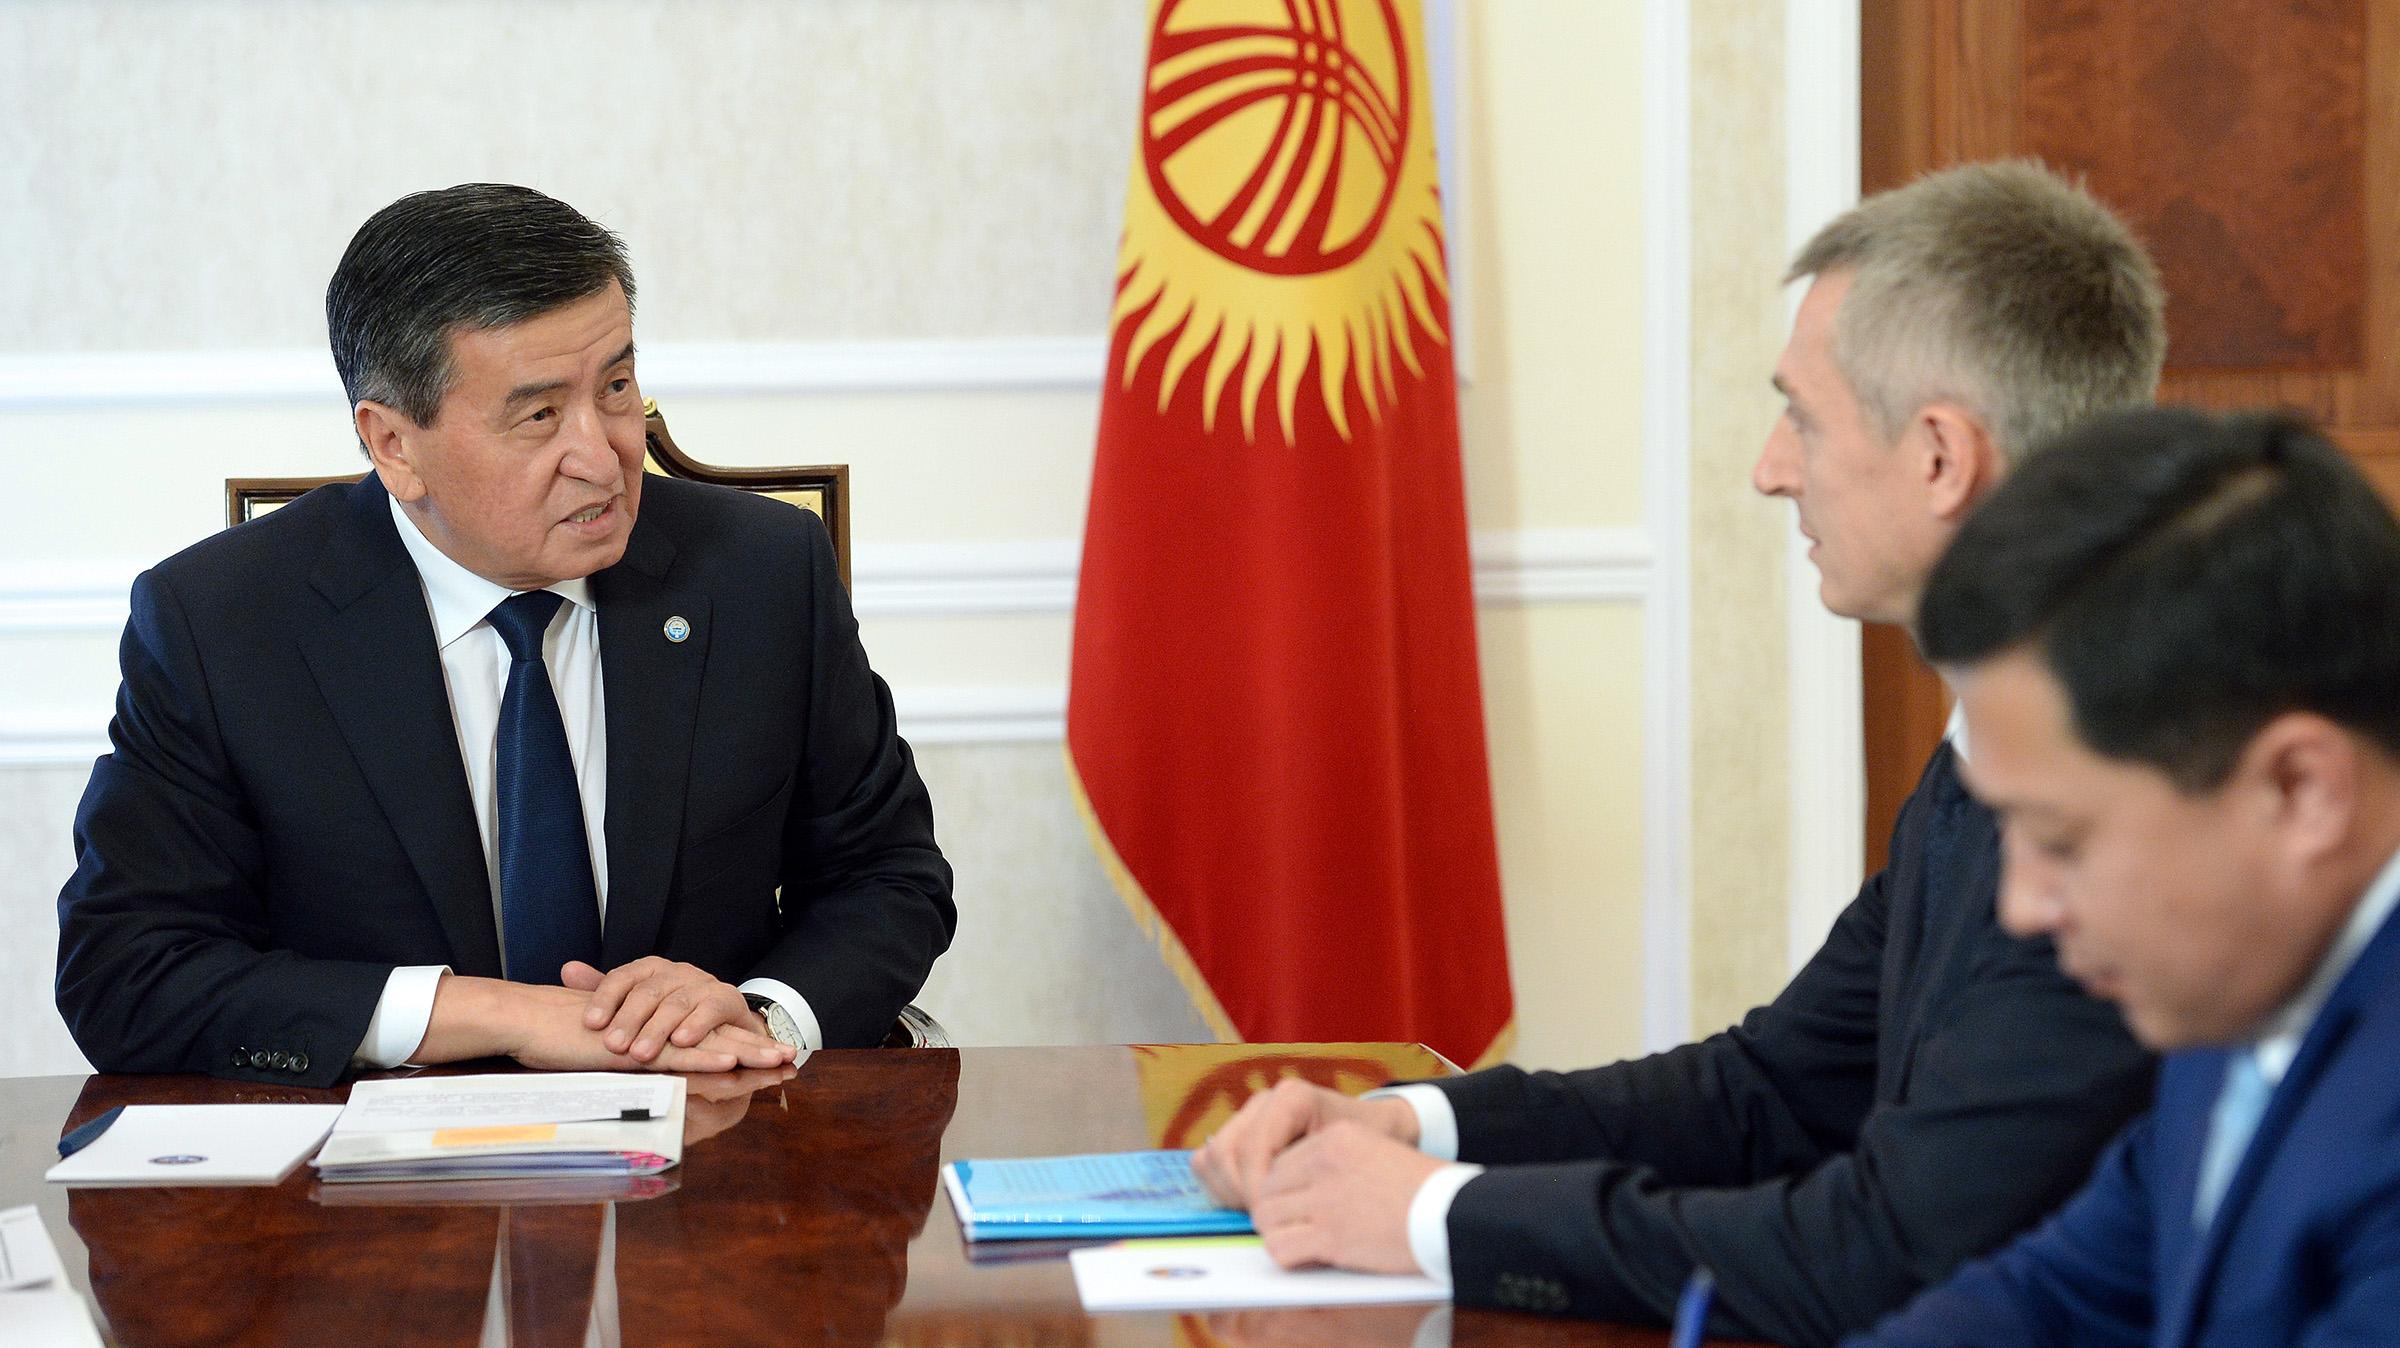 Жээнбеков Евразия турукташтыруу жана өнүктүрүү фондунун директору Широковду кабыл алды